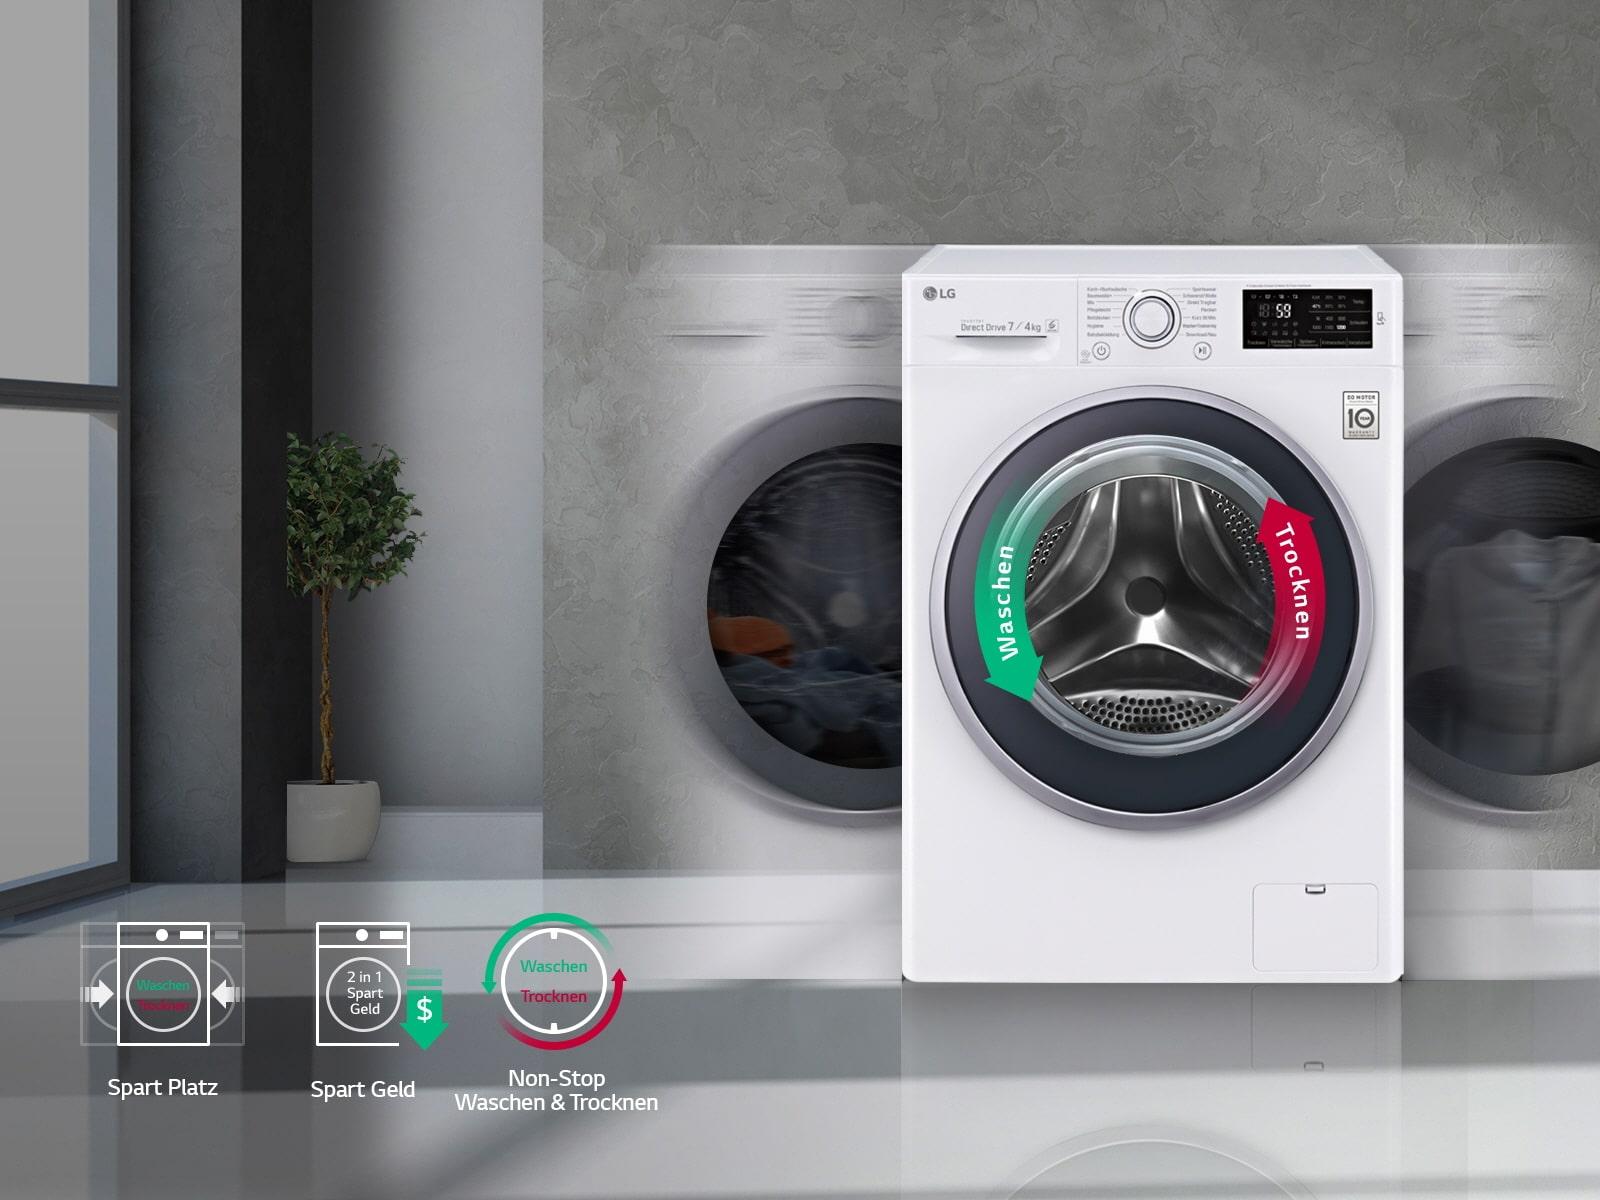 lg waschtrockner mit 6 motion direct drive technologie 7. Black Bedroom Furniture Sets. Home Design Ideas